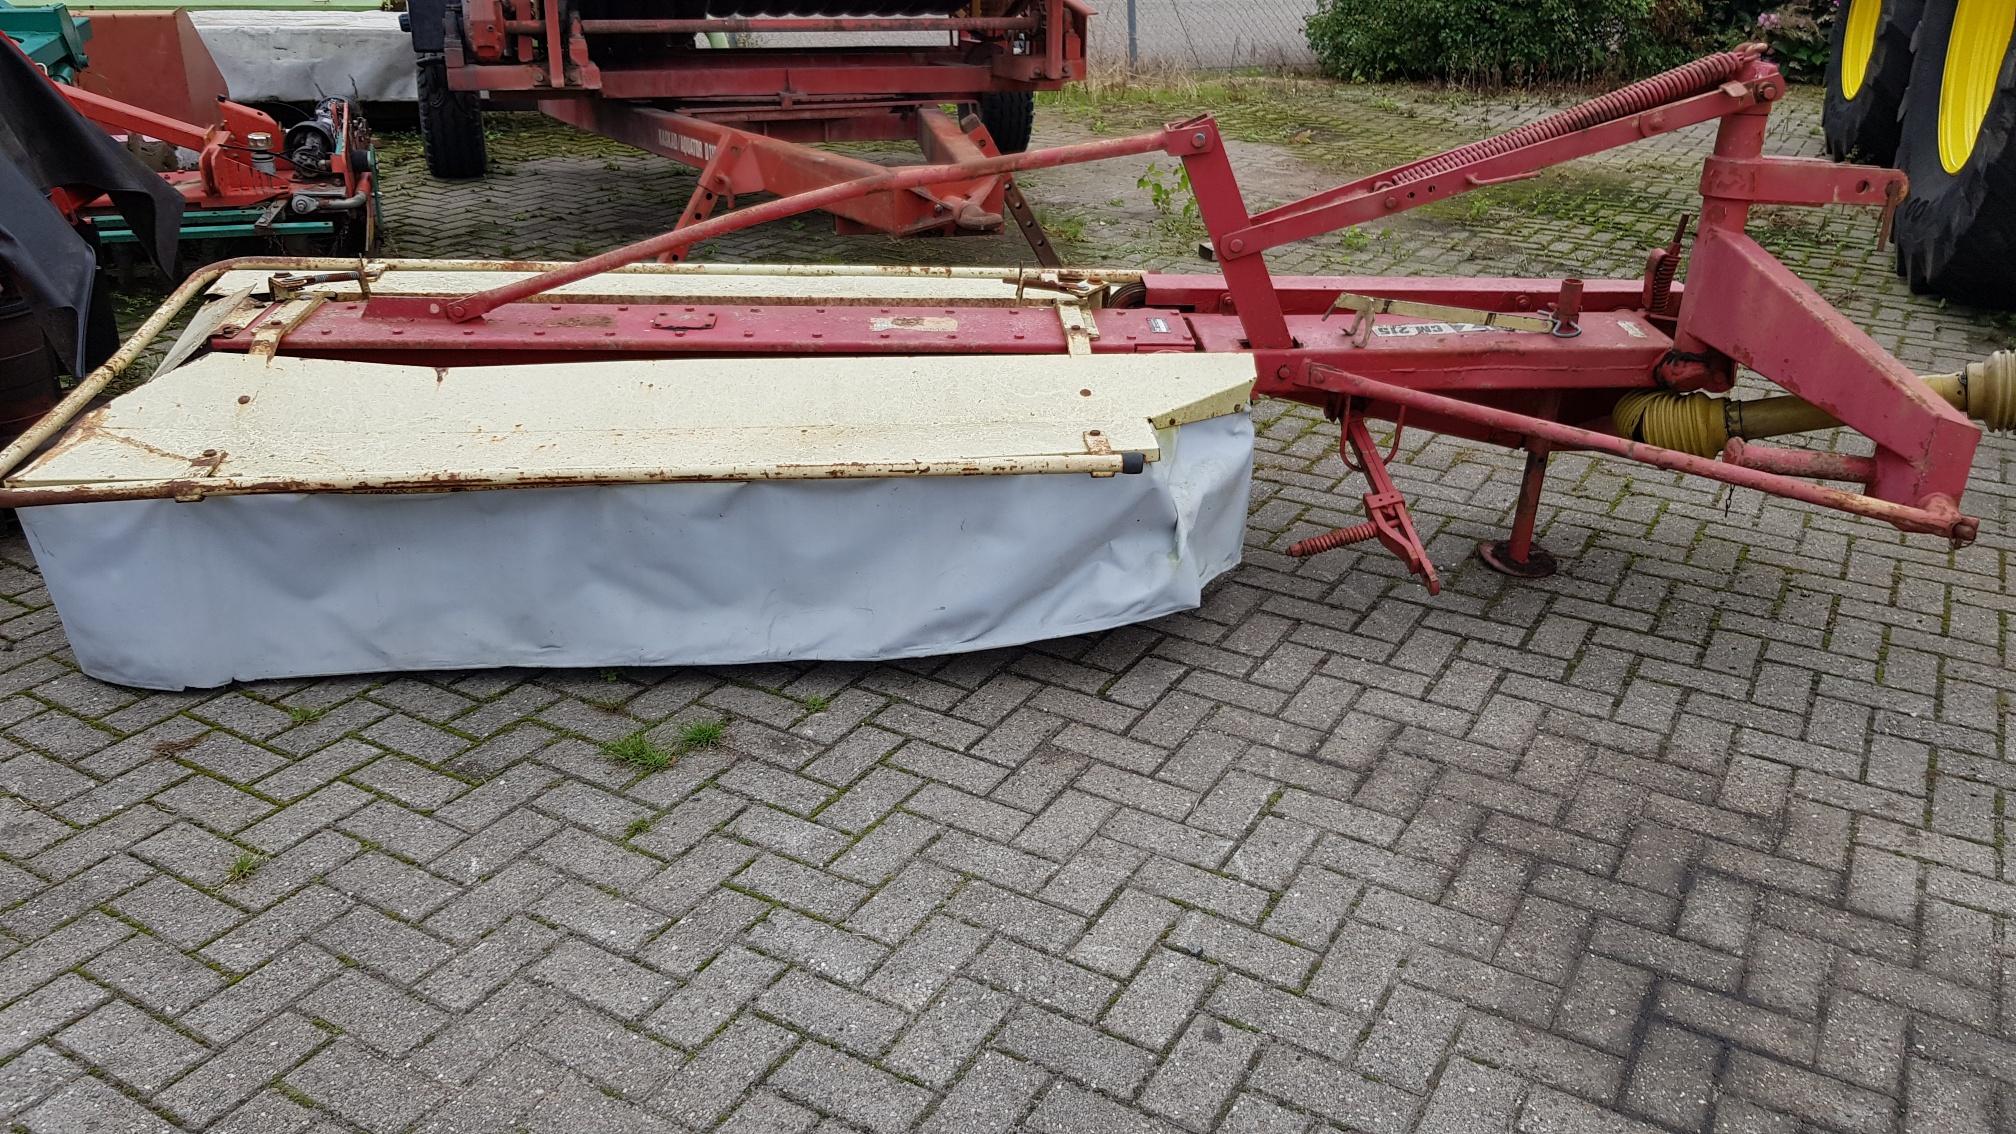 PZ trommelmaaier CM215, Maaiers, Landbouw